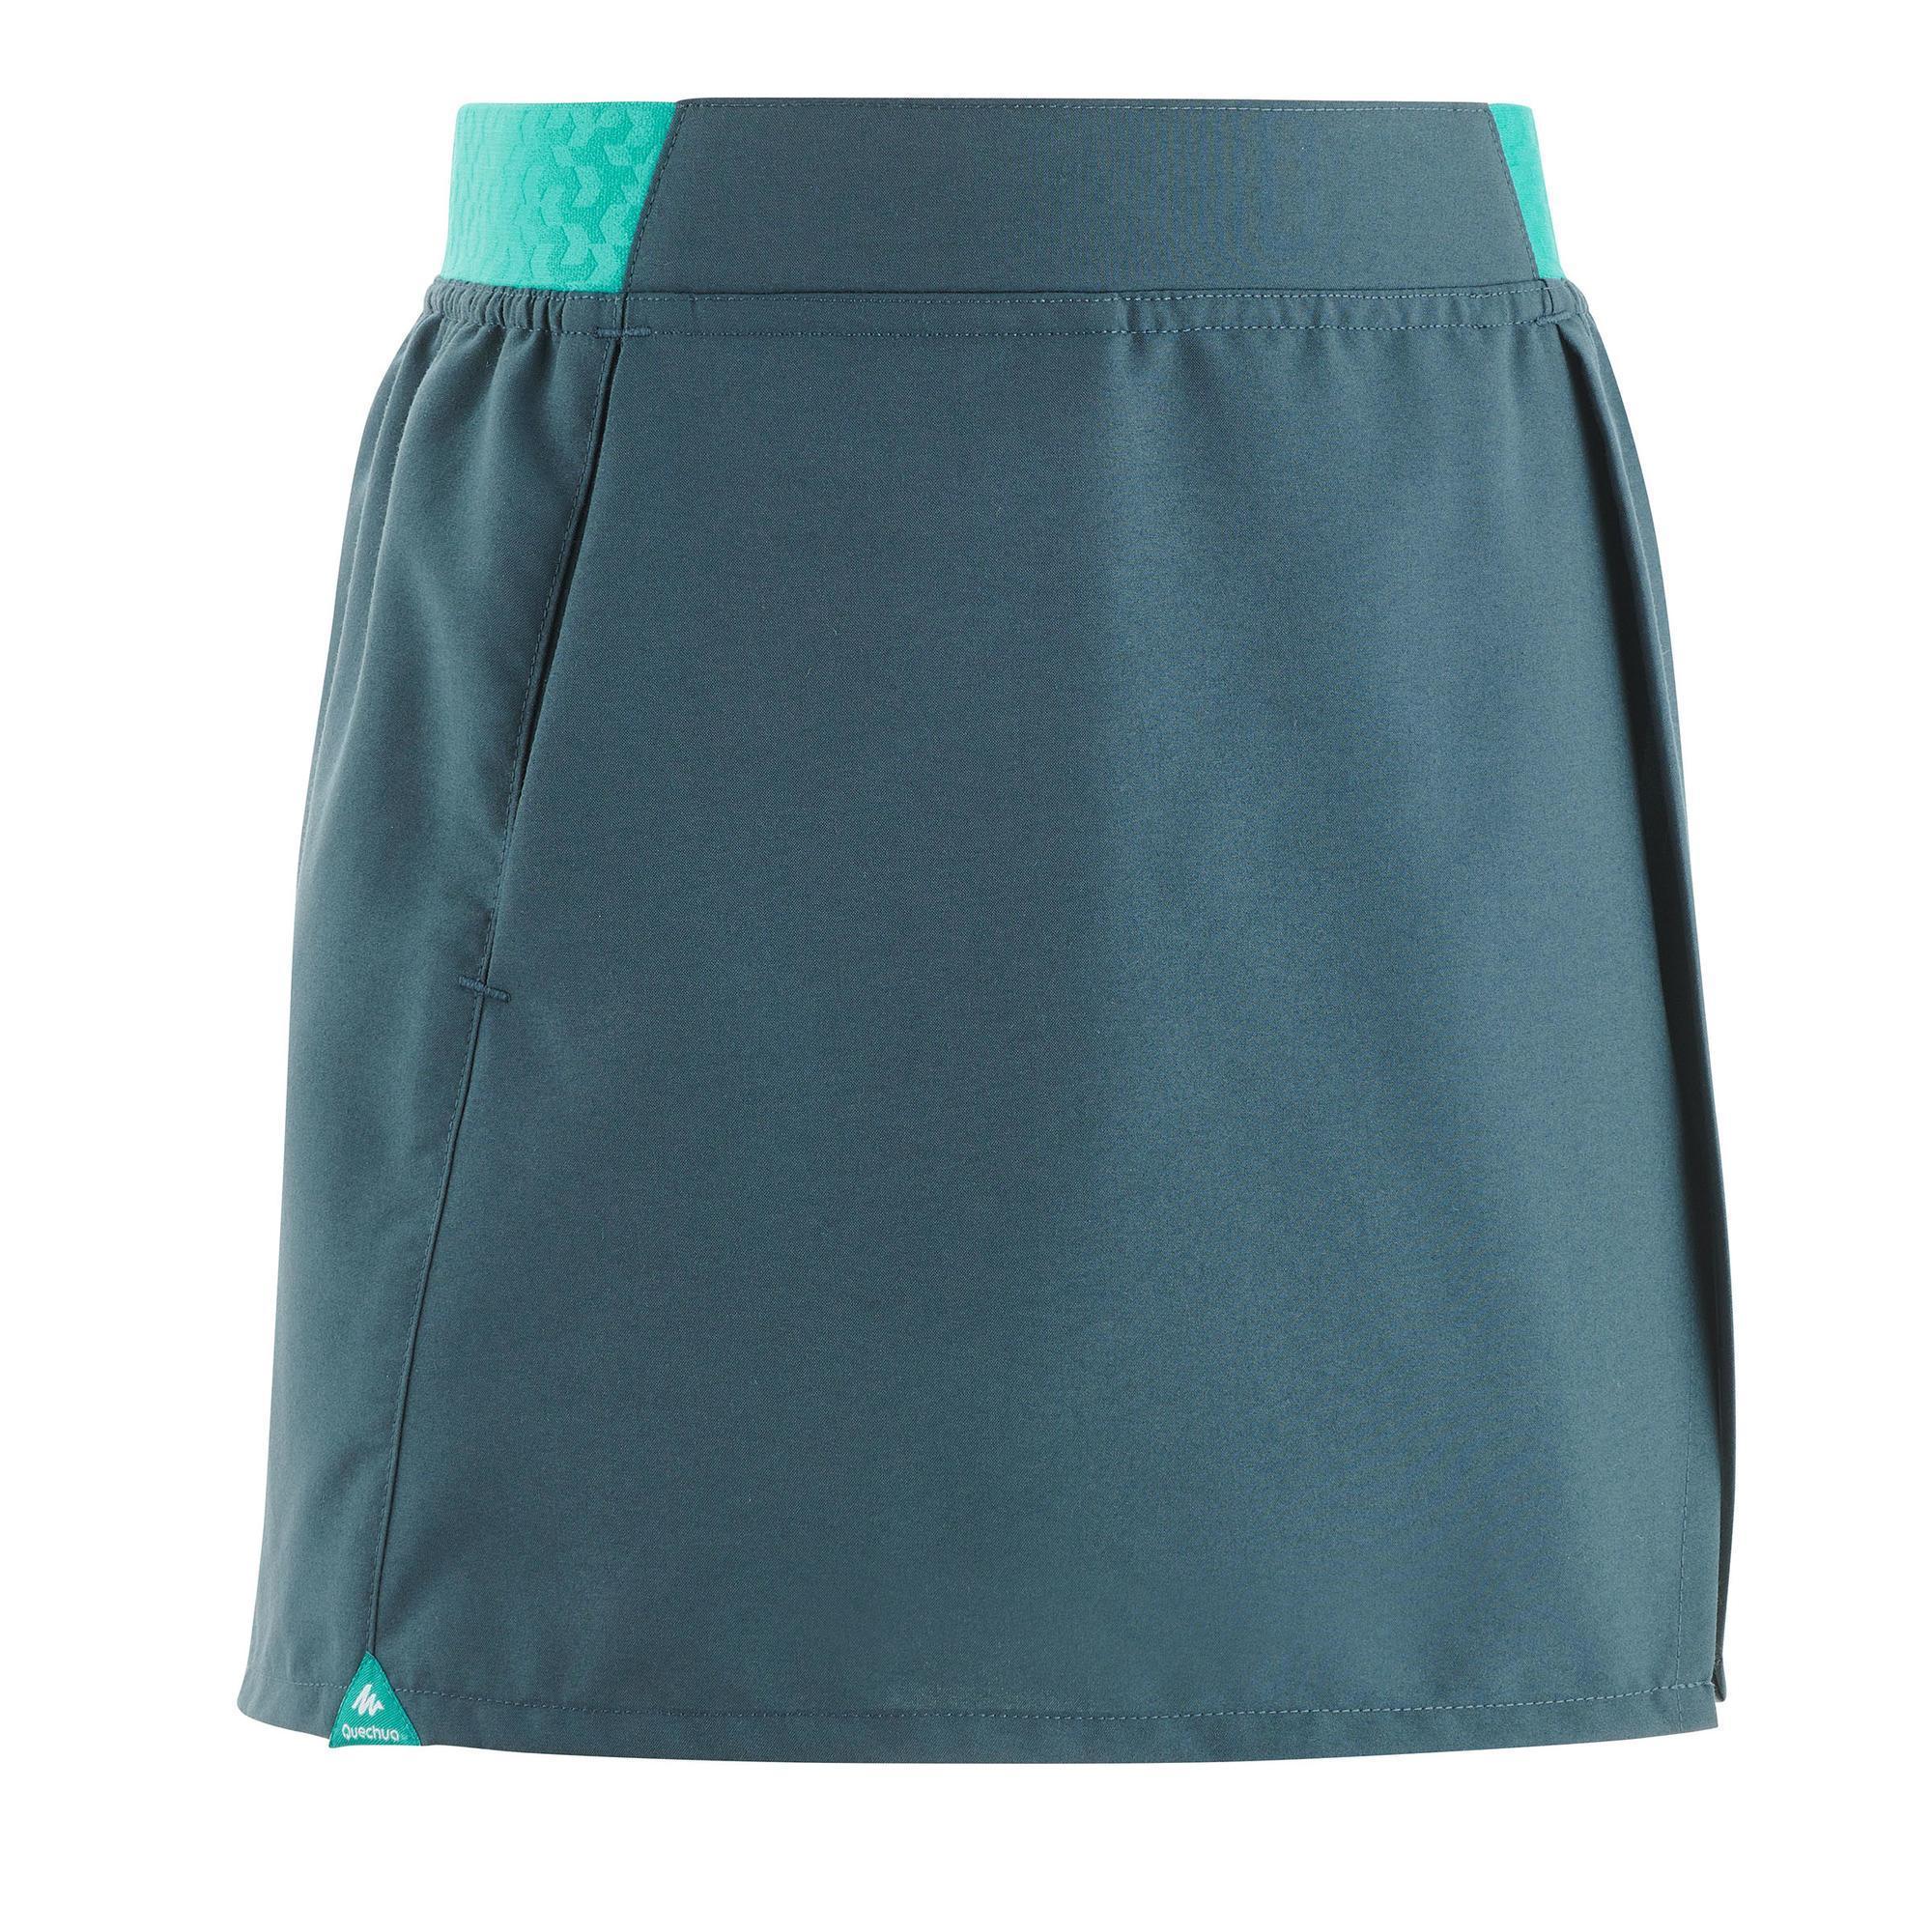 554c7dbc0 Comprar Faldas deportivas para niñas de 5 a 14 años online| Decathlon